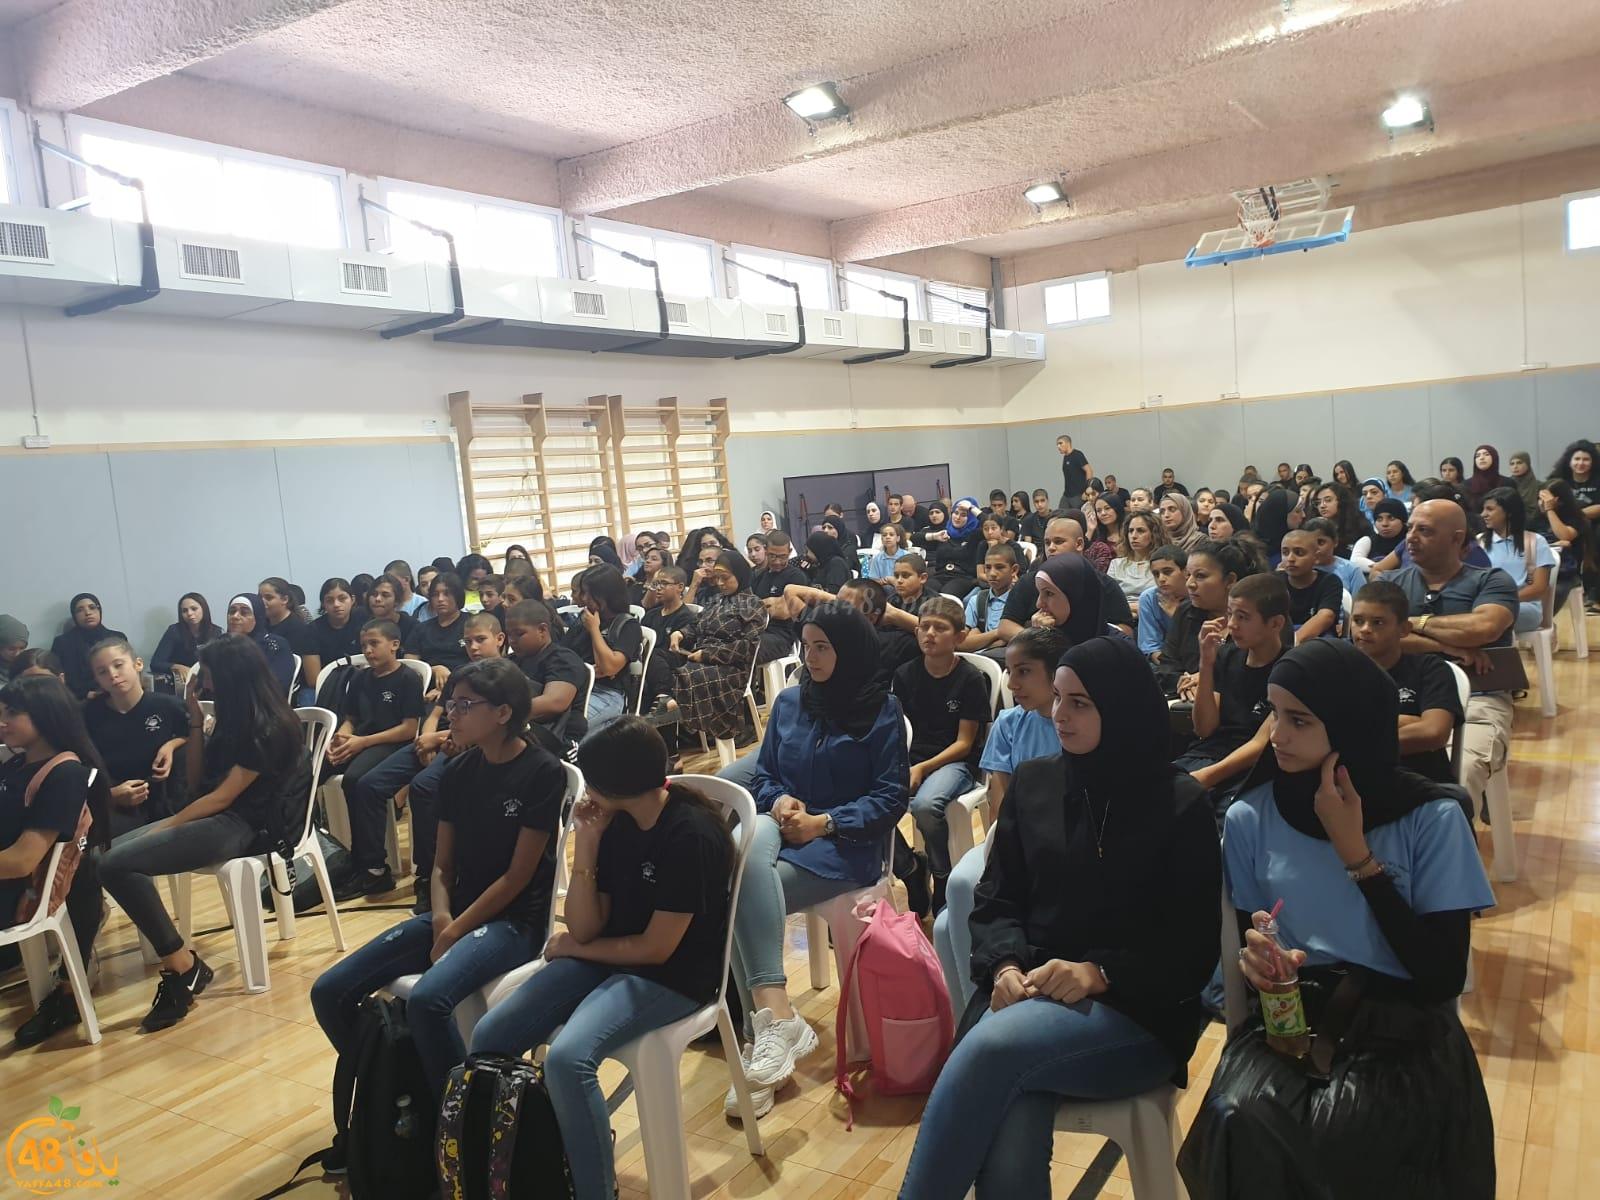 يافا: المدرسة الثانوية الشاملة تُنظم فعاليات ضد العنف وجرائم القتل